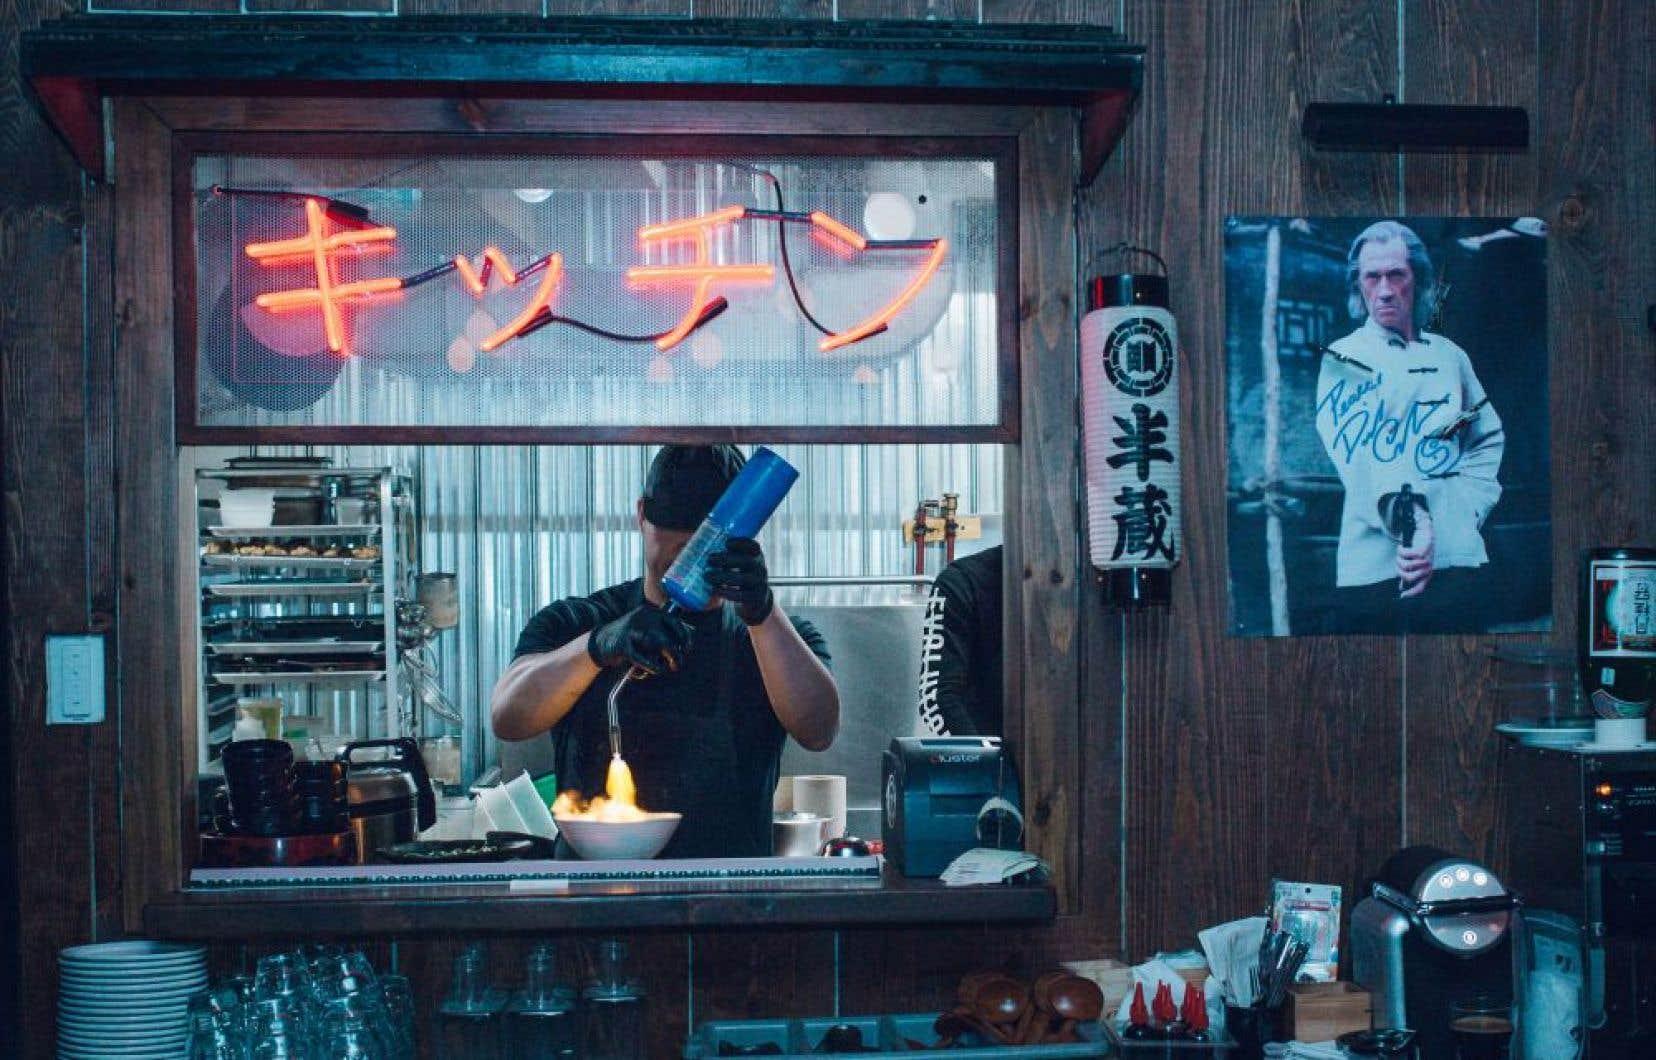 Hanzō n'est pas un «izakaya» comme les autres. Hanzō est marqué par le film «Kill Bill», et l'âme du samouraï Hattori Hanzō flotte dans l'air.